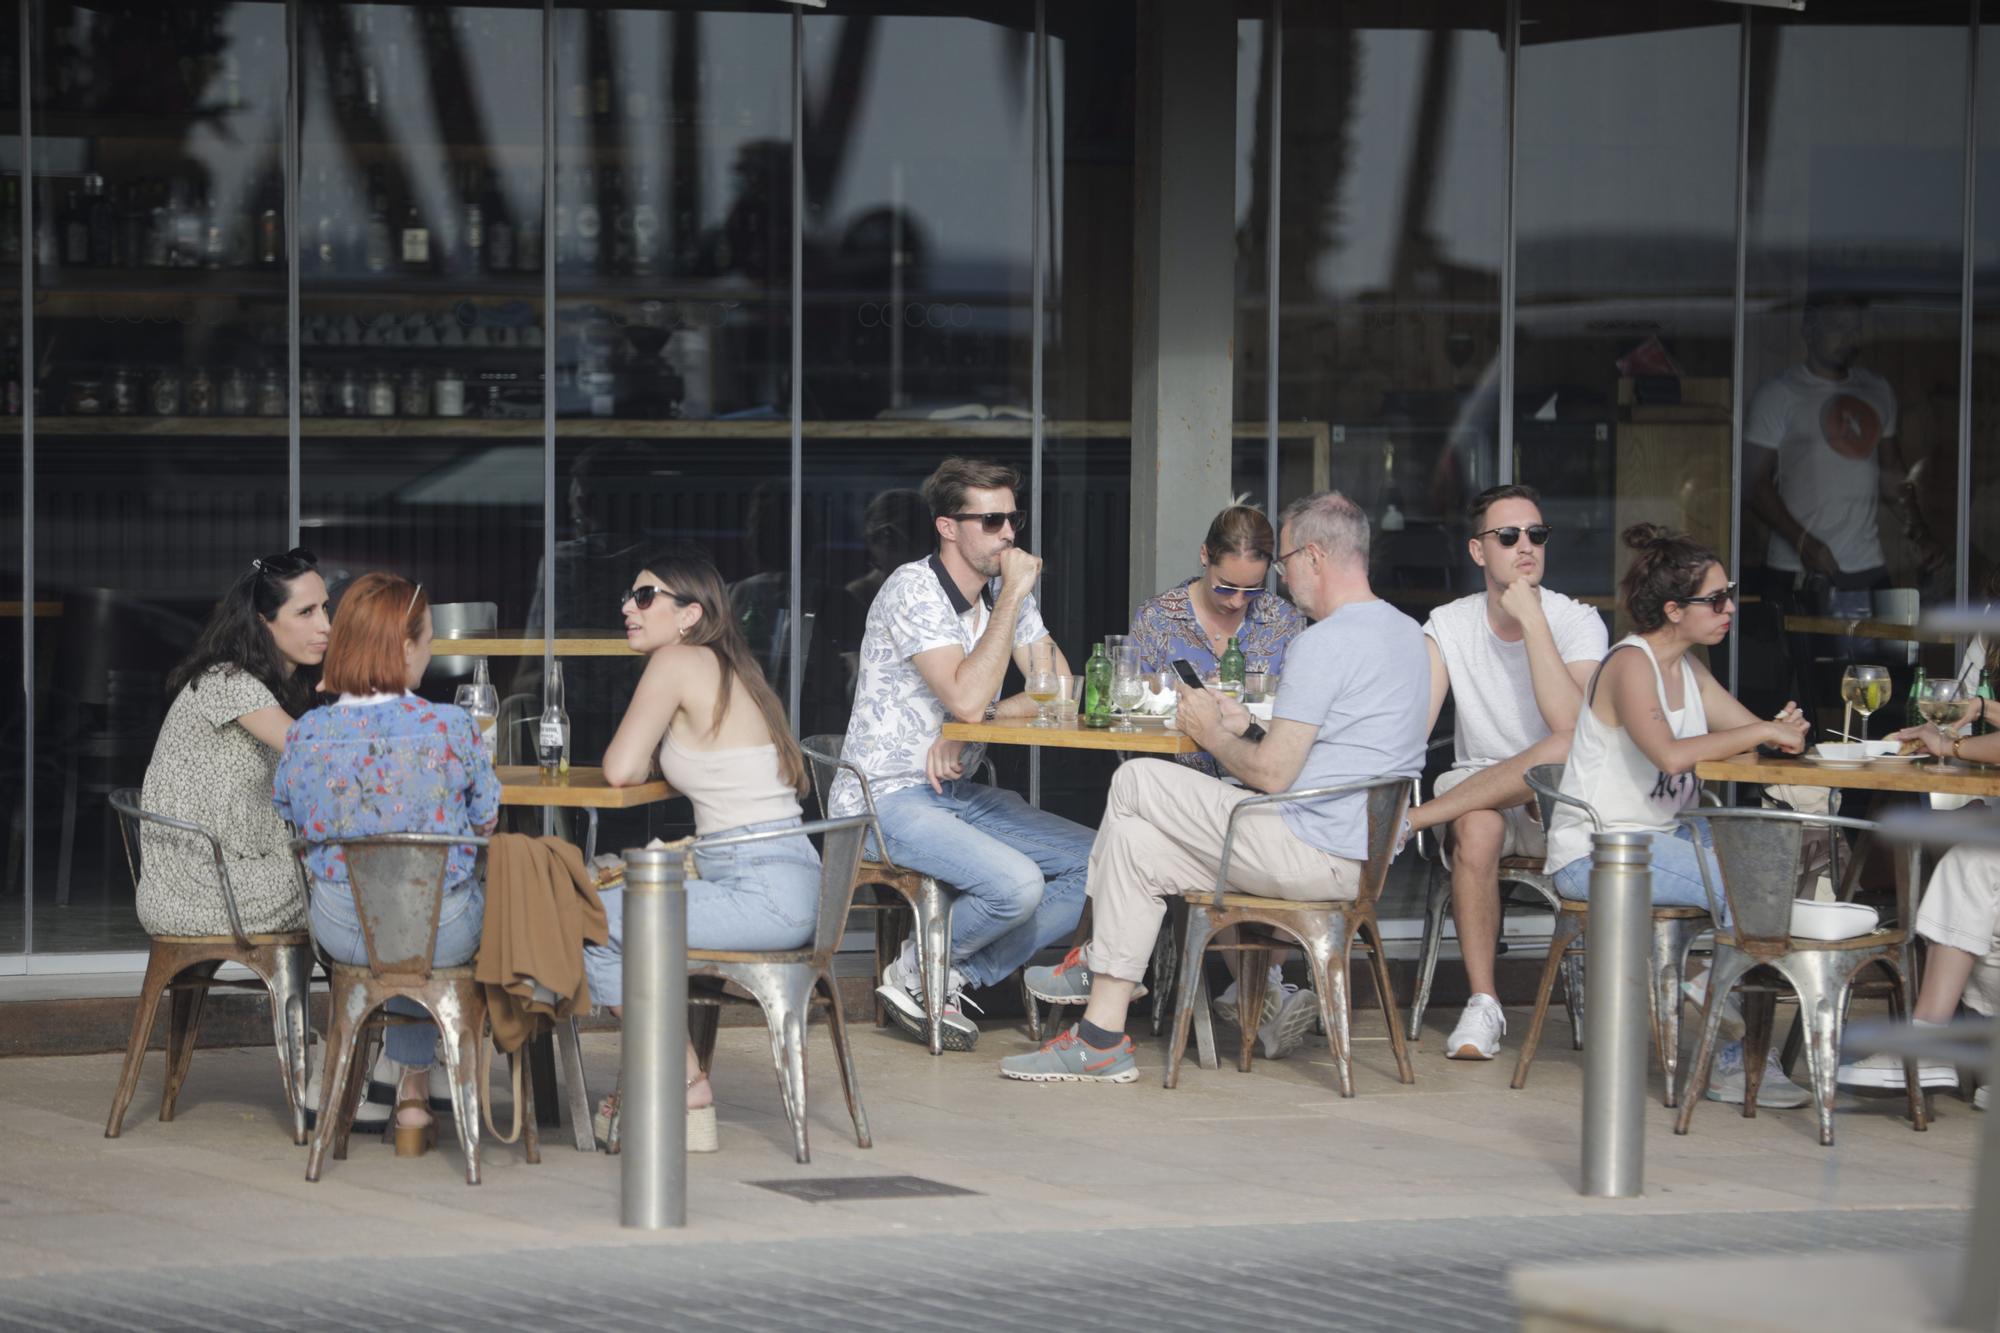 Terrazas repletas en Palma en el primer día  de la apertura ininterrumpida